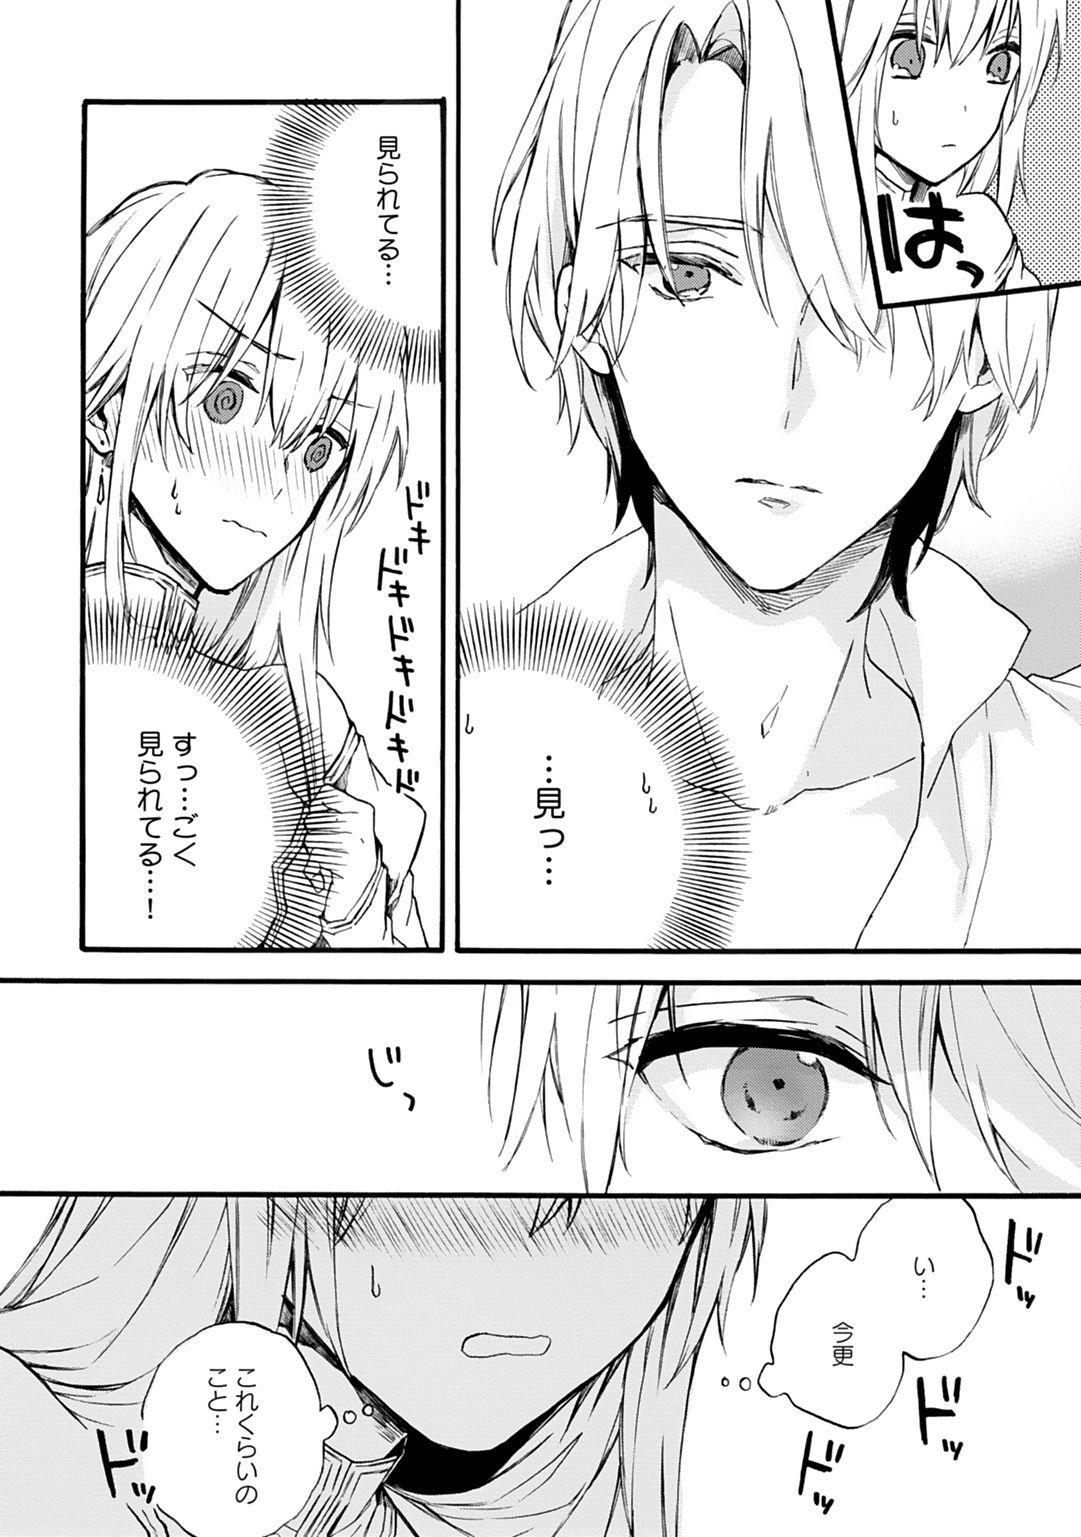 [Suzushiro Nerita] Otomege (18-kin) de Nyotaika shita Ore wa ~Clear Jouken wa Dekiai Ecchi!?~ 1-2 53